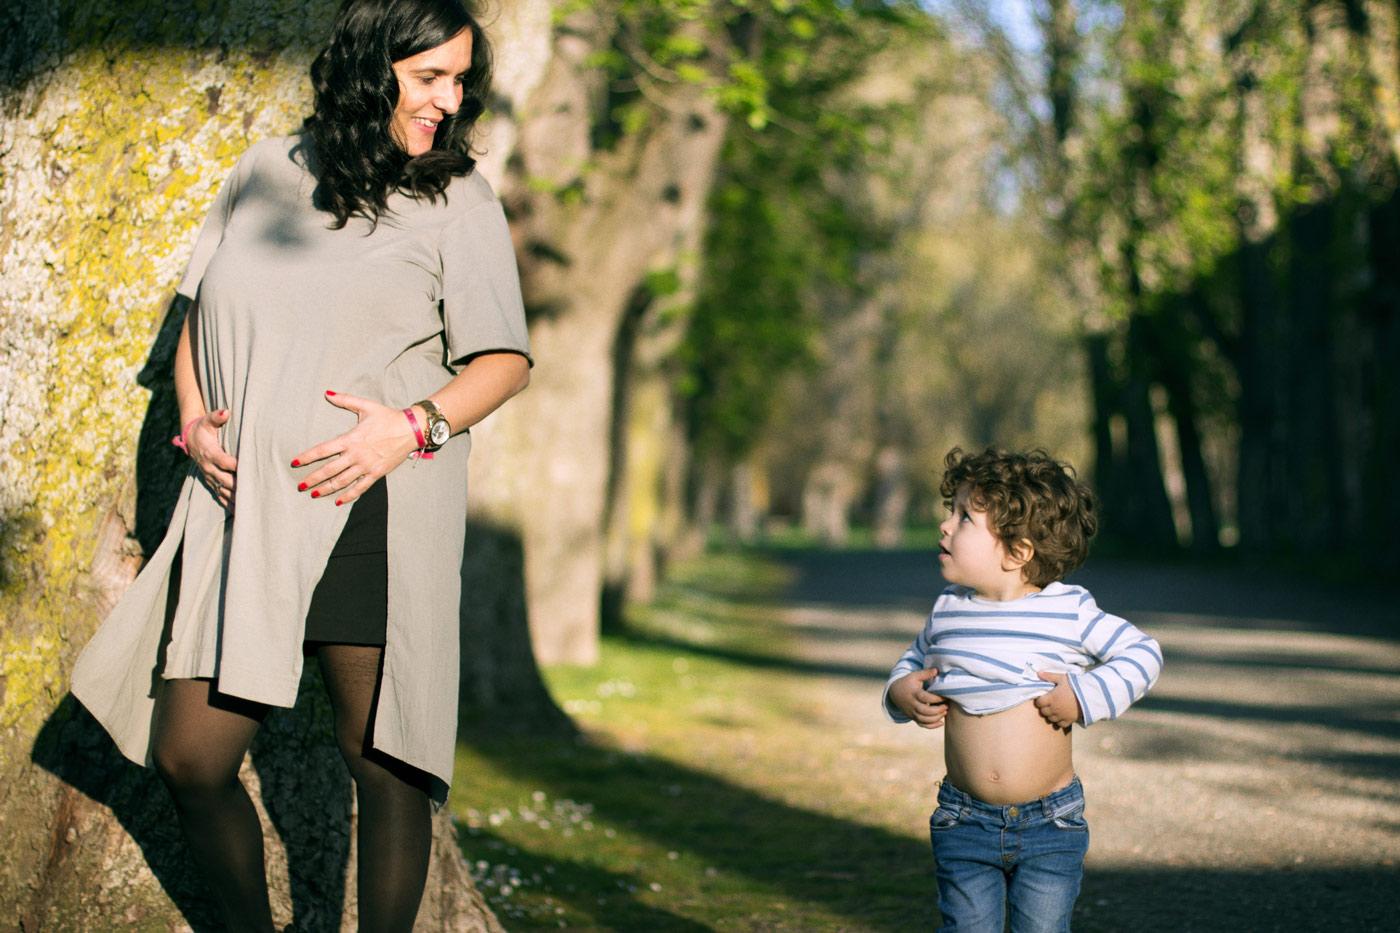 hijo imitando su madre embarazada descubriendo su barriga